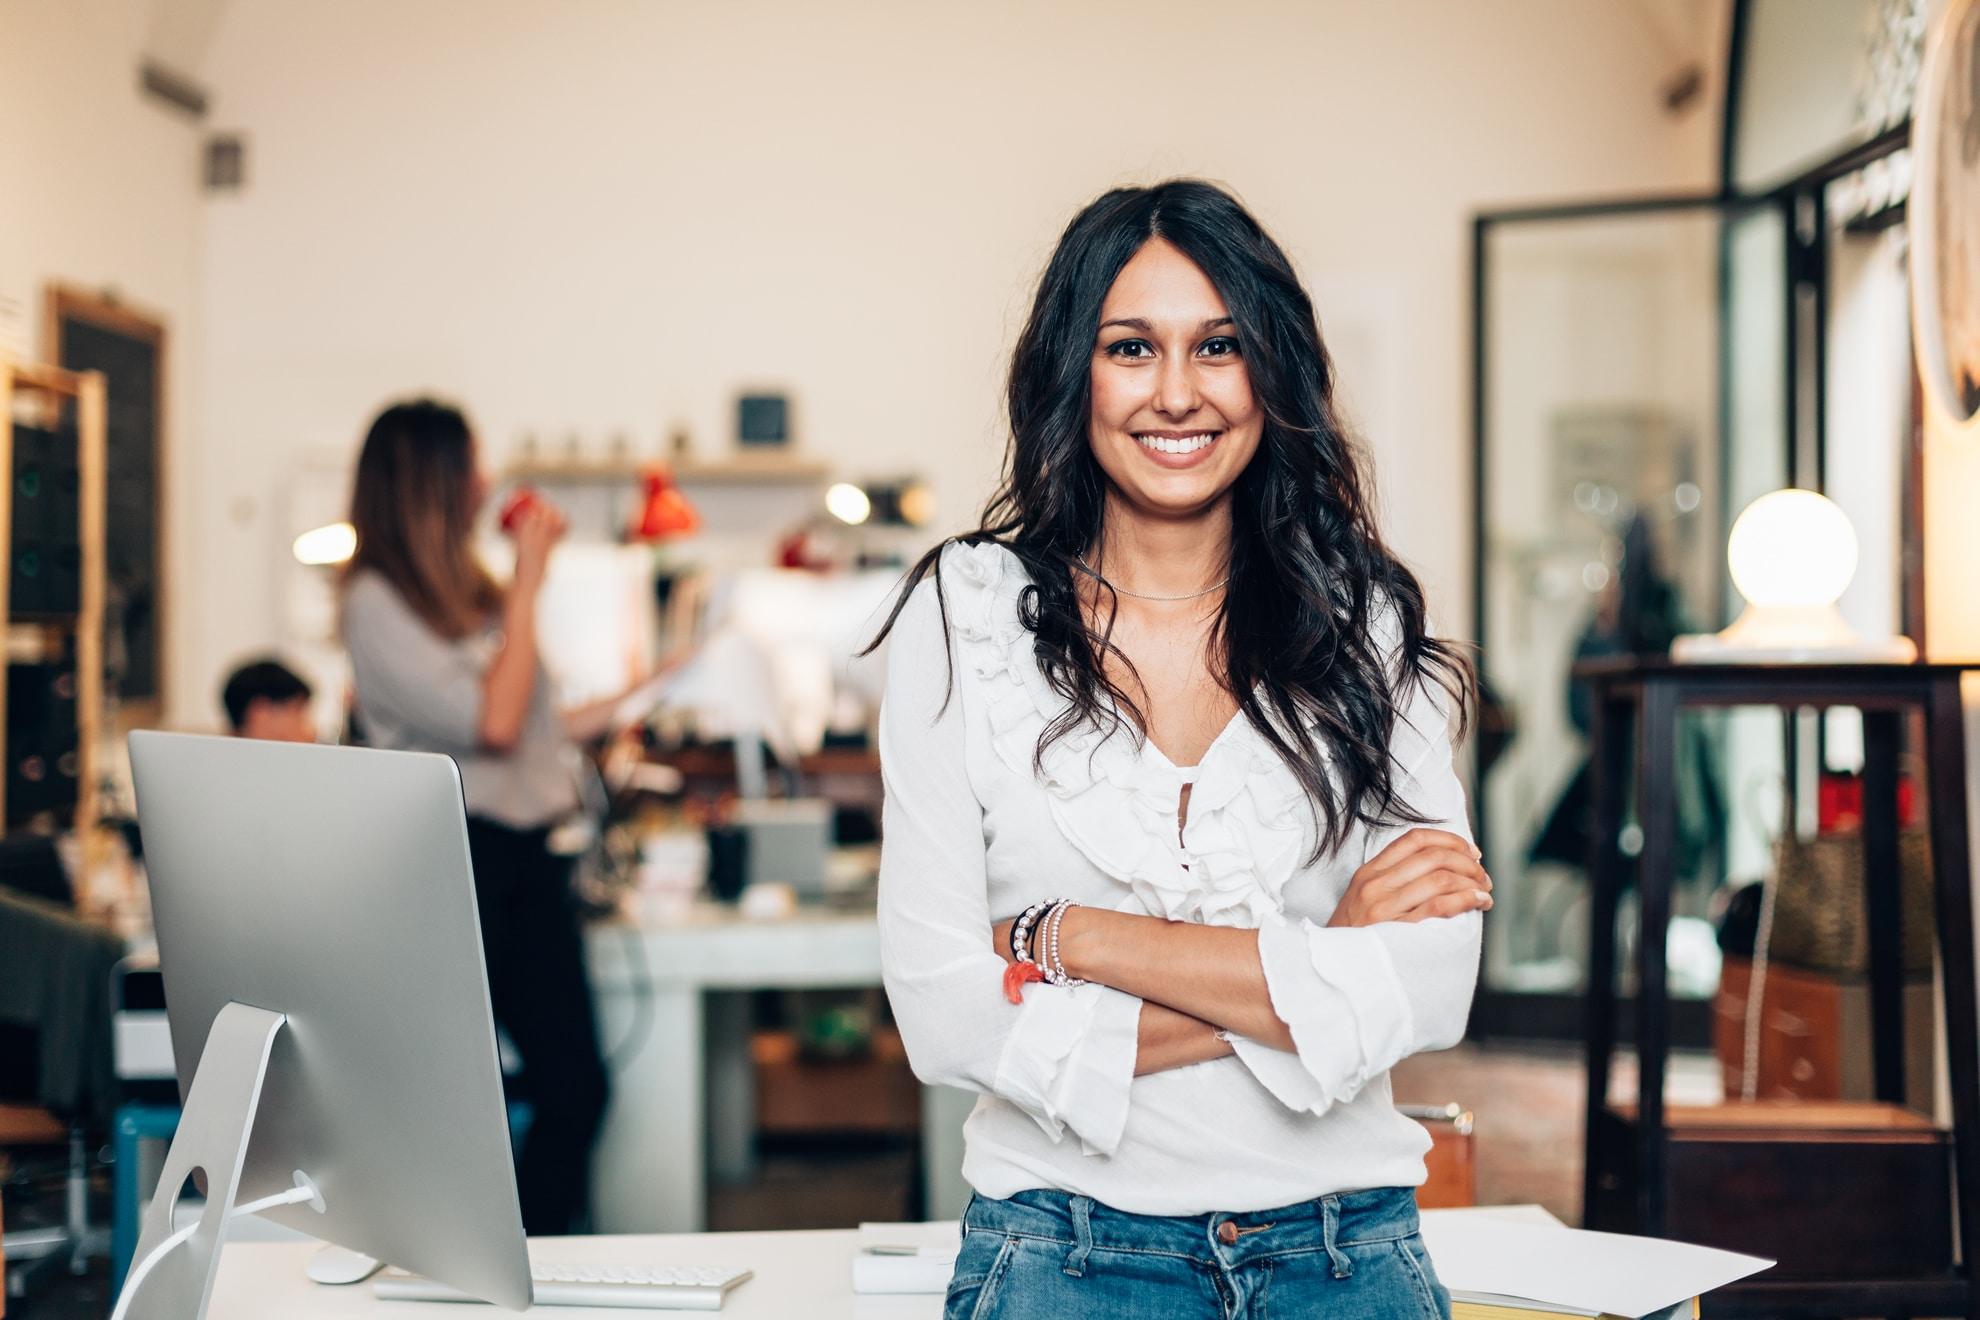 O lugar das mulheres nas empresas!